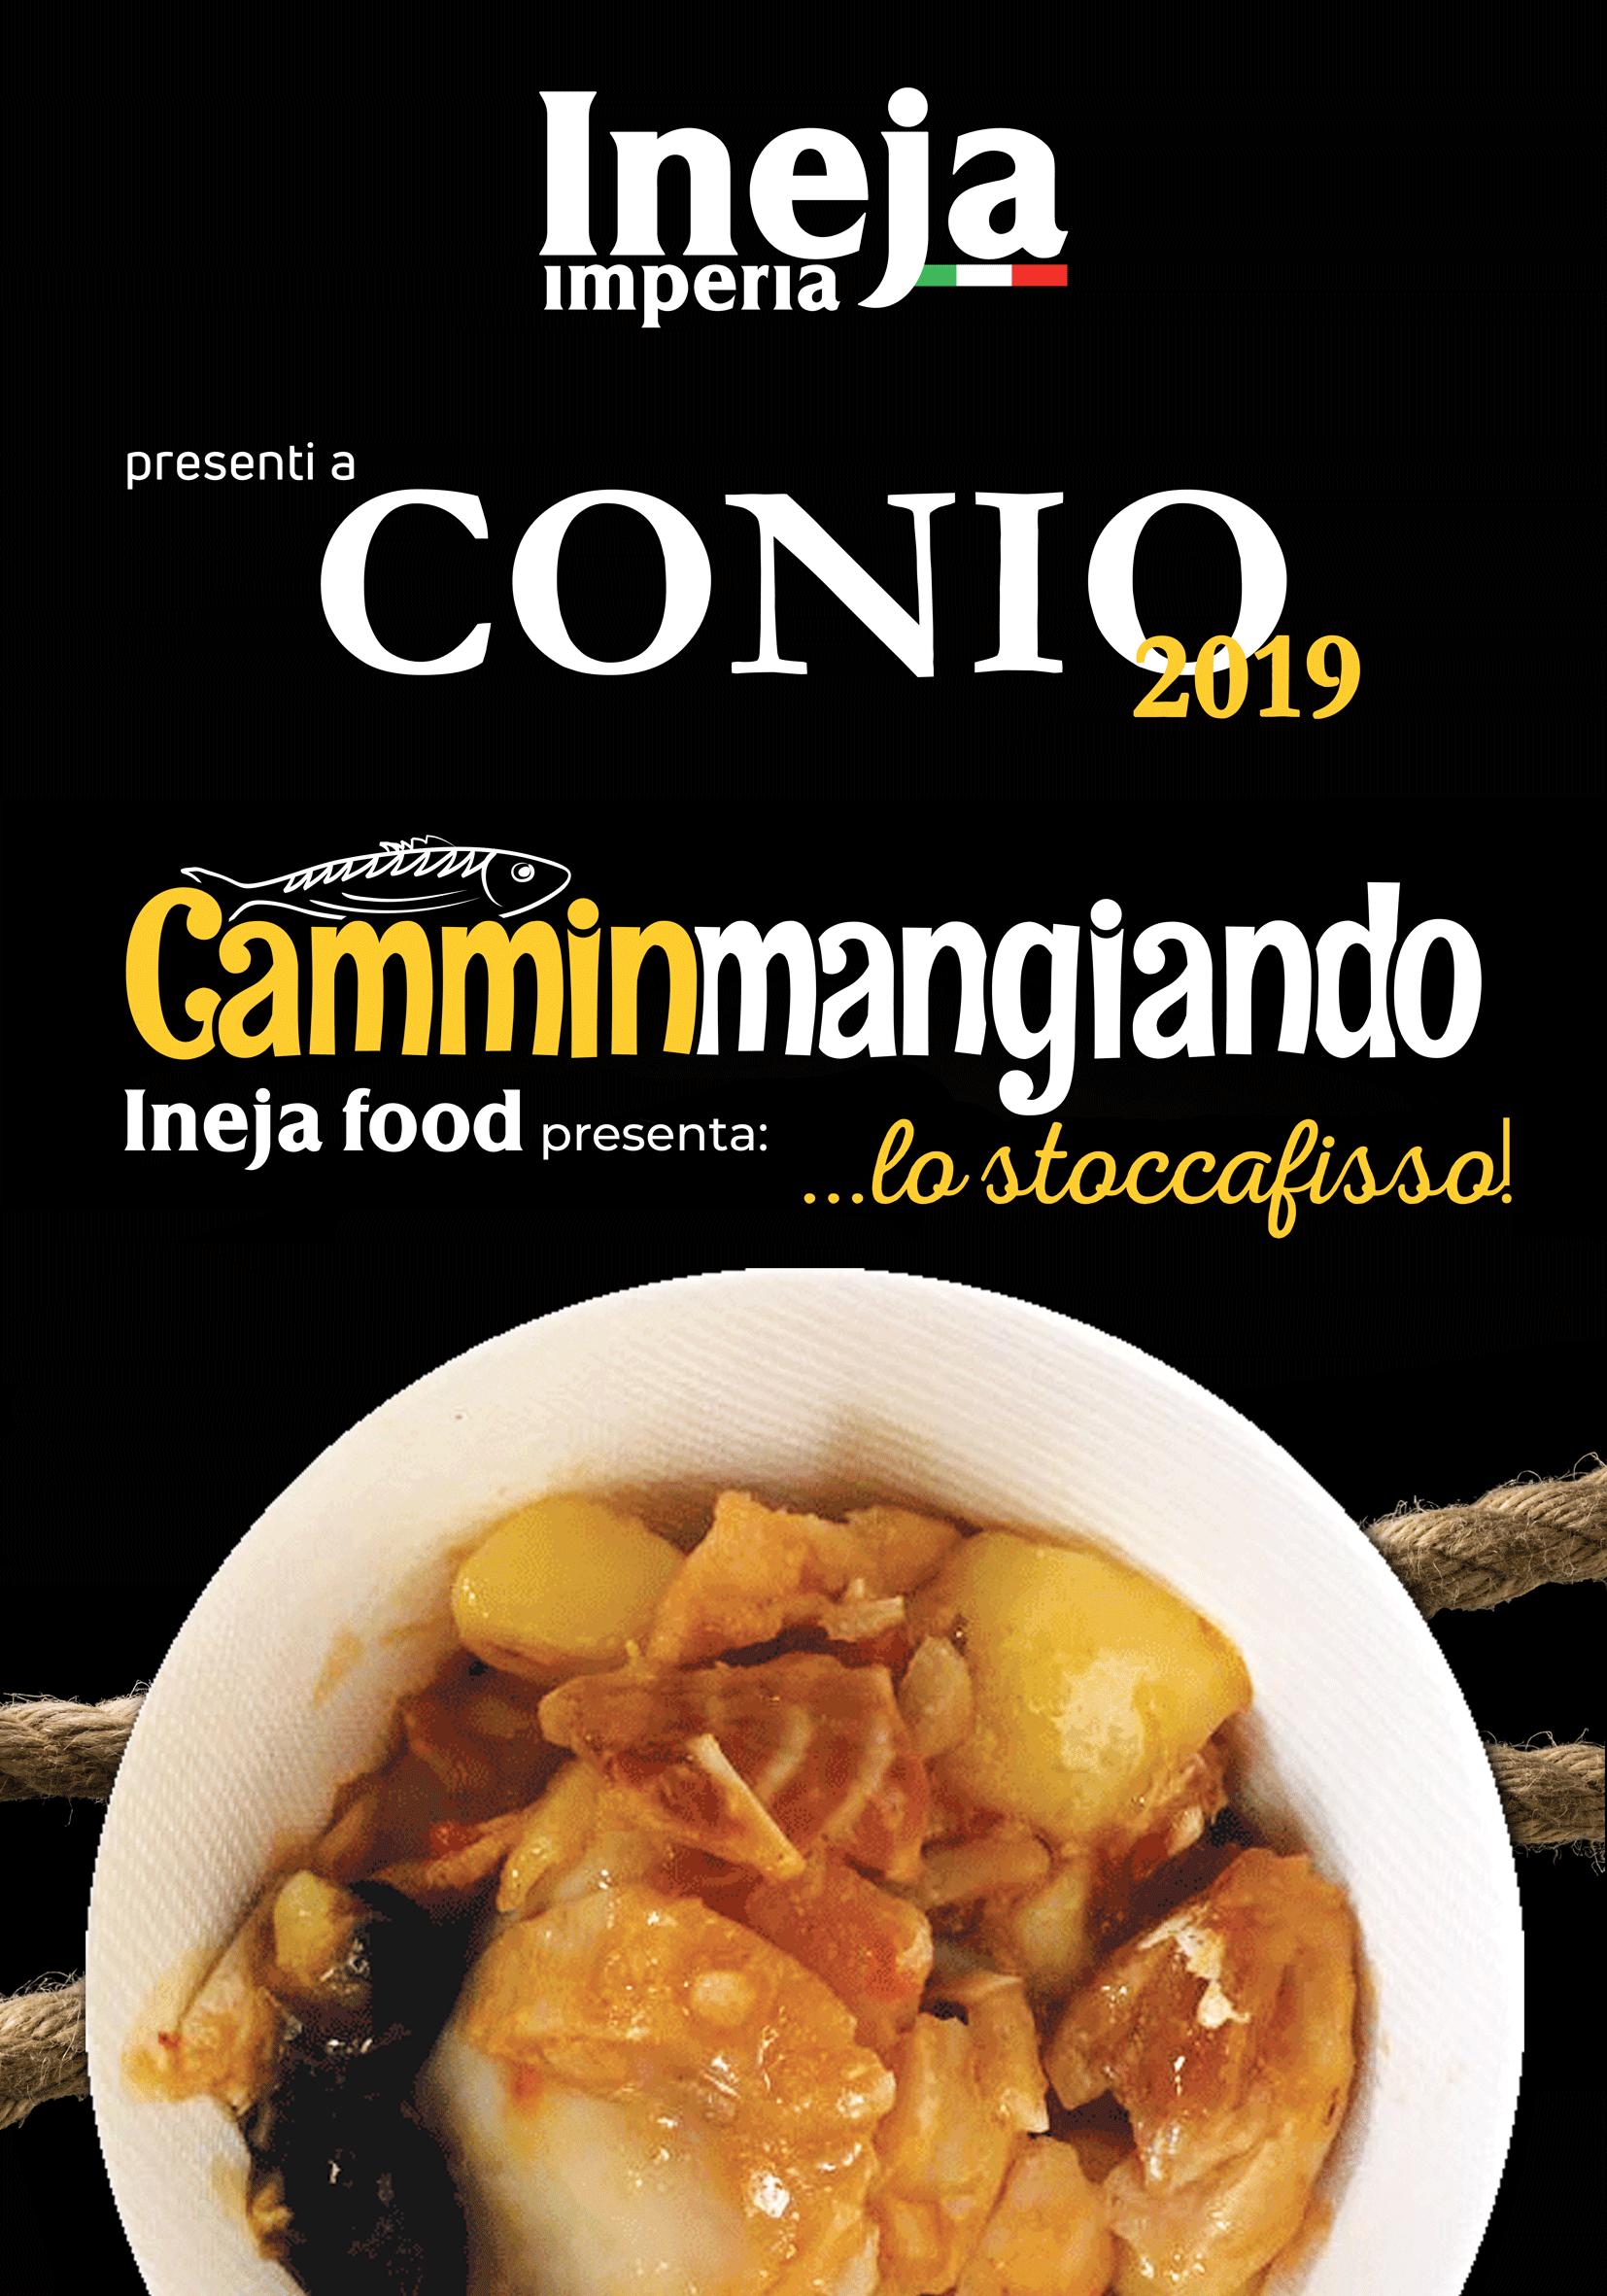 conio2019